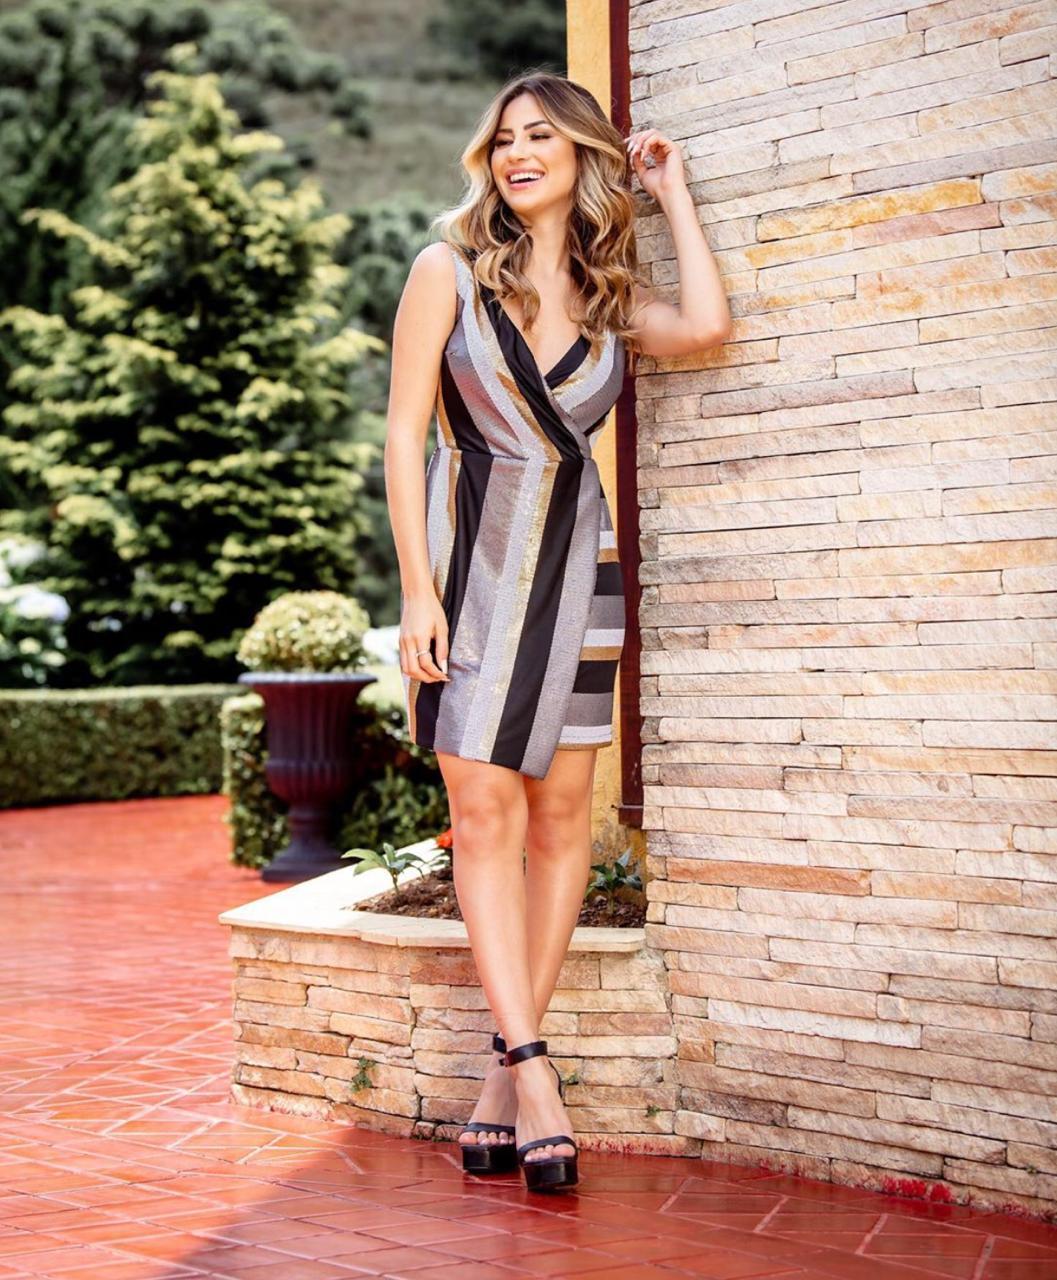 Vestido curto paetês Gold Moments em poliéster e elastano, decote transpassado, alças largas não ajustáveis e fechamento por zíper na parte lateral com forro.